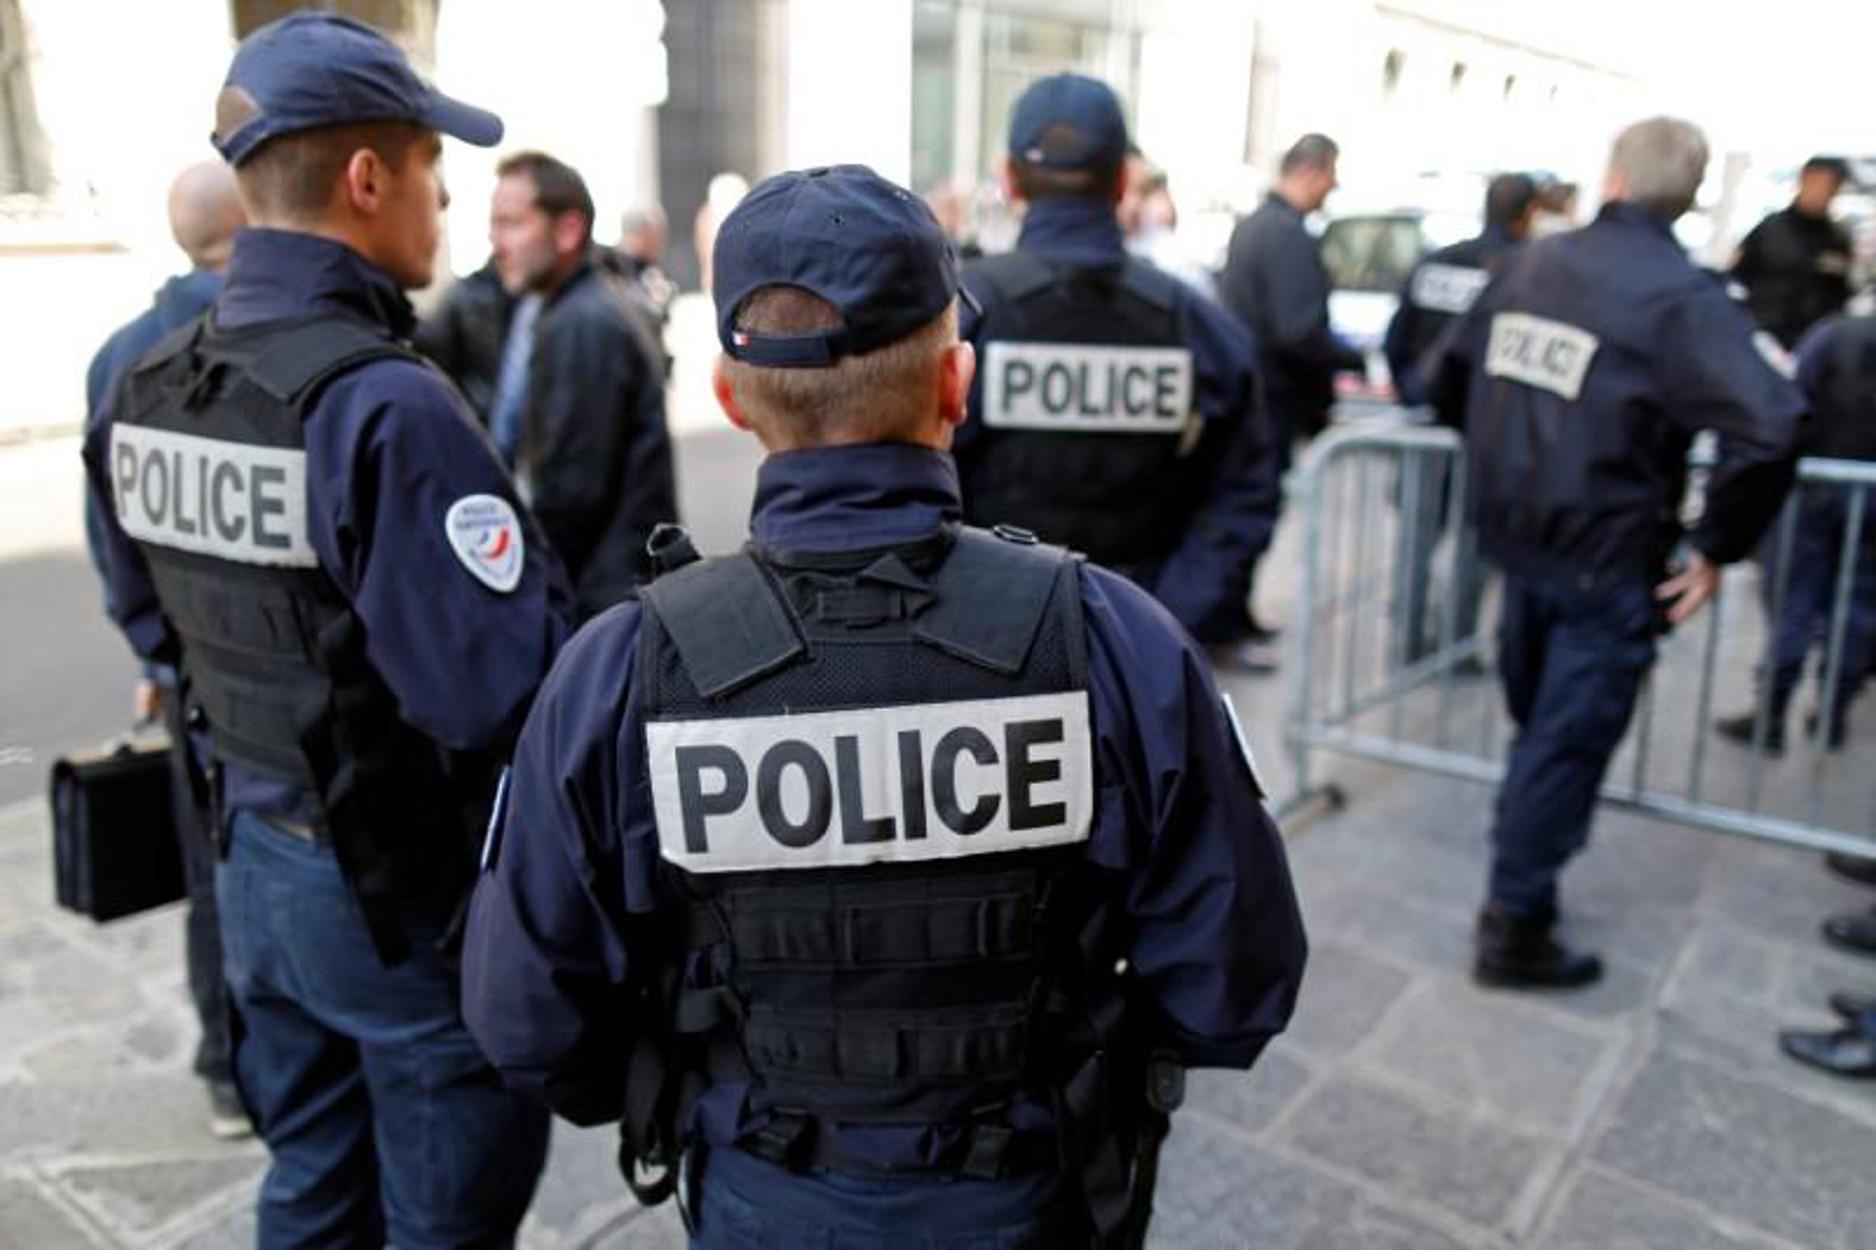 Παρίσι: Νέες συγκρούσεις μεταξύ συμμοριών – Ένας τραυματίας